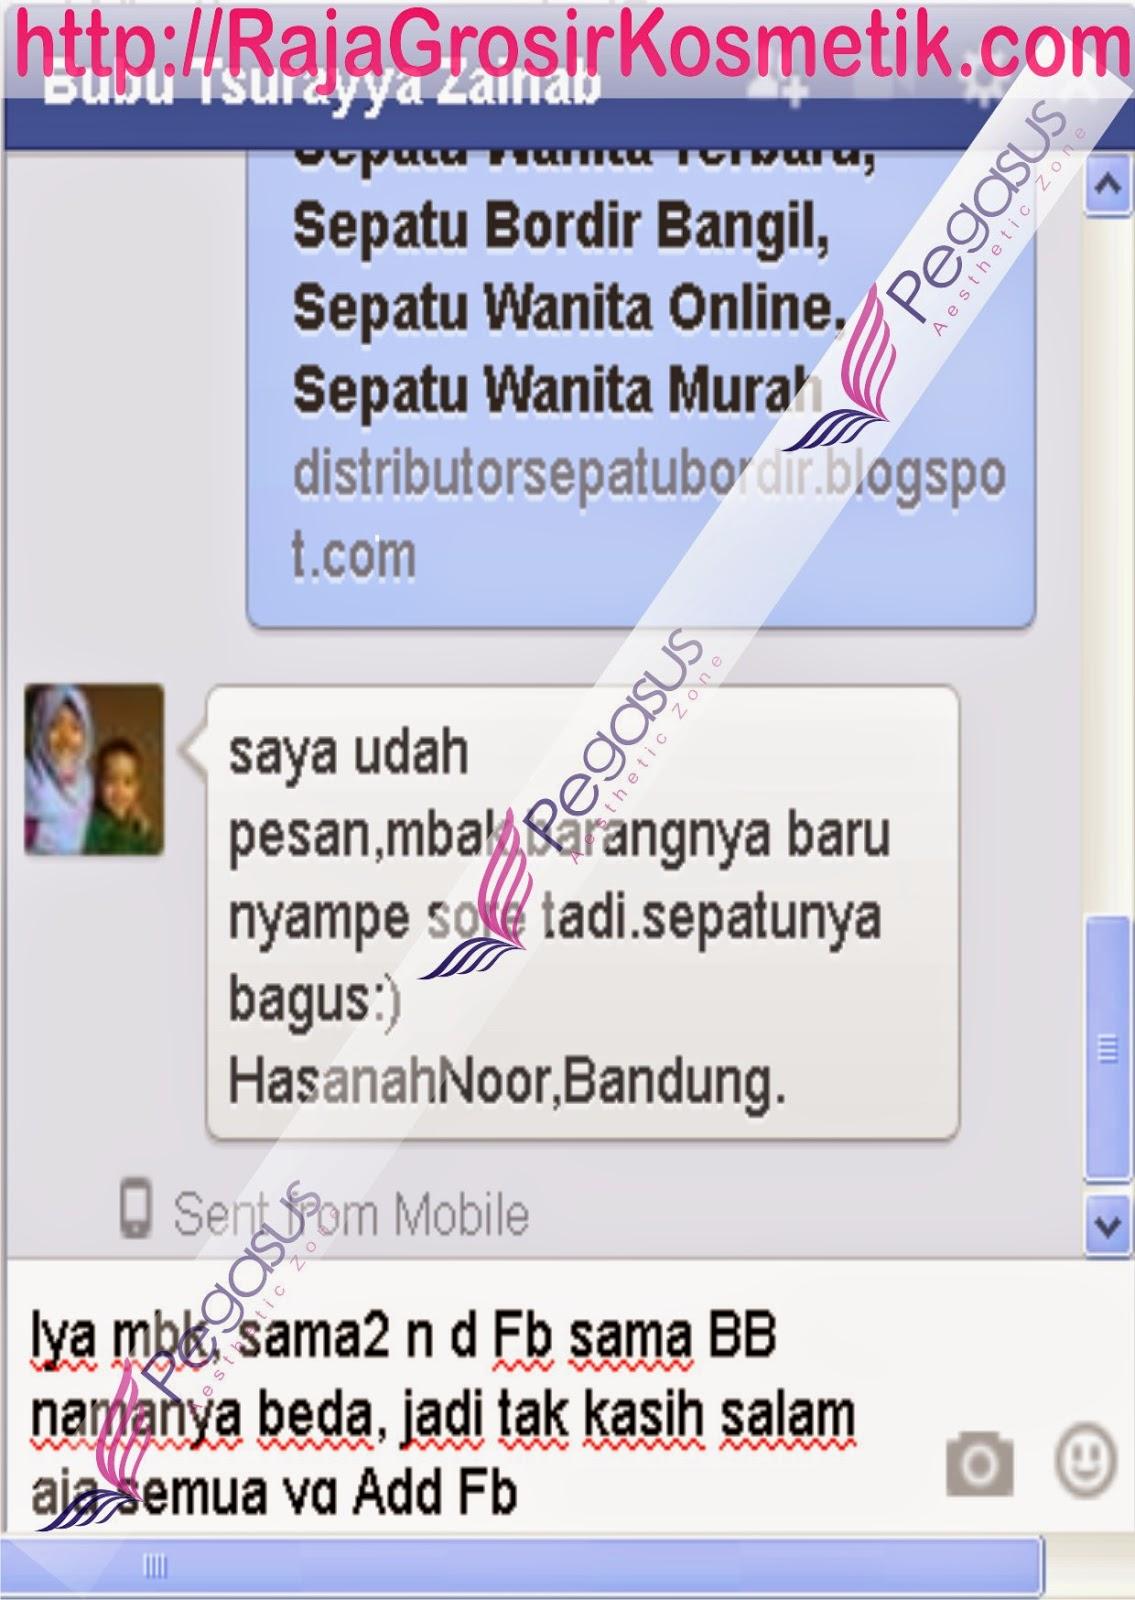 Sepatu Anak Online, Online Sepatu, Penjualan Sepatu Online, www.distributorsepatumurah.com